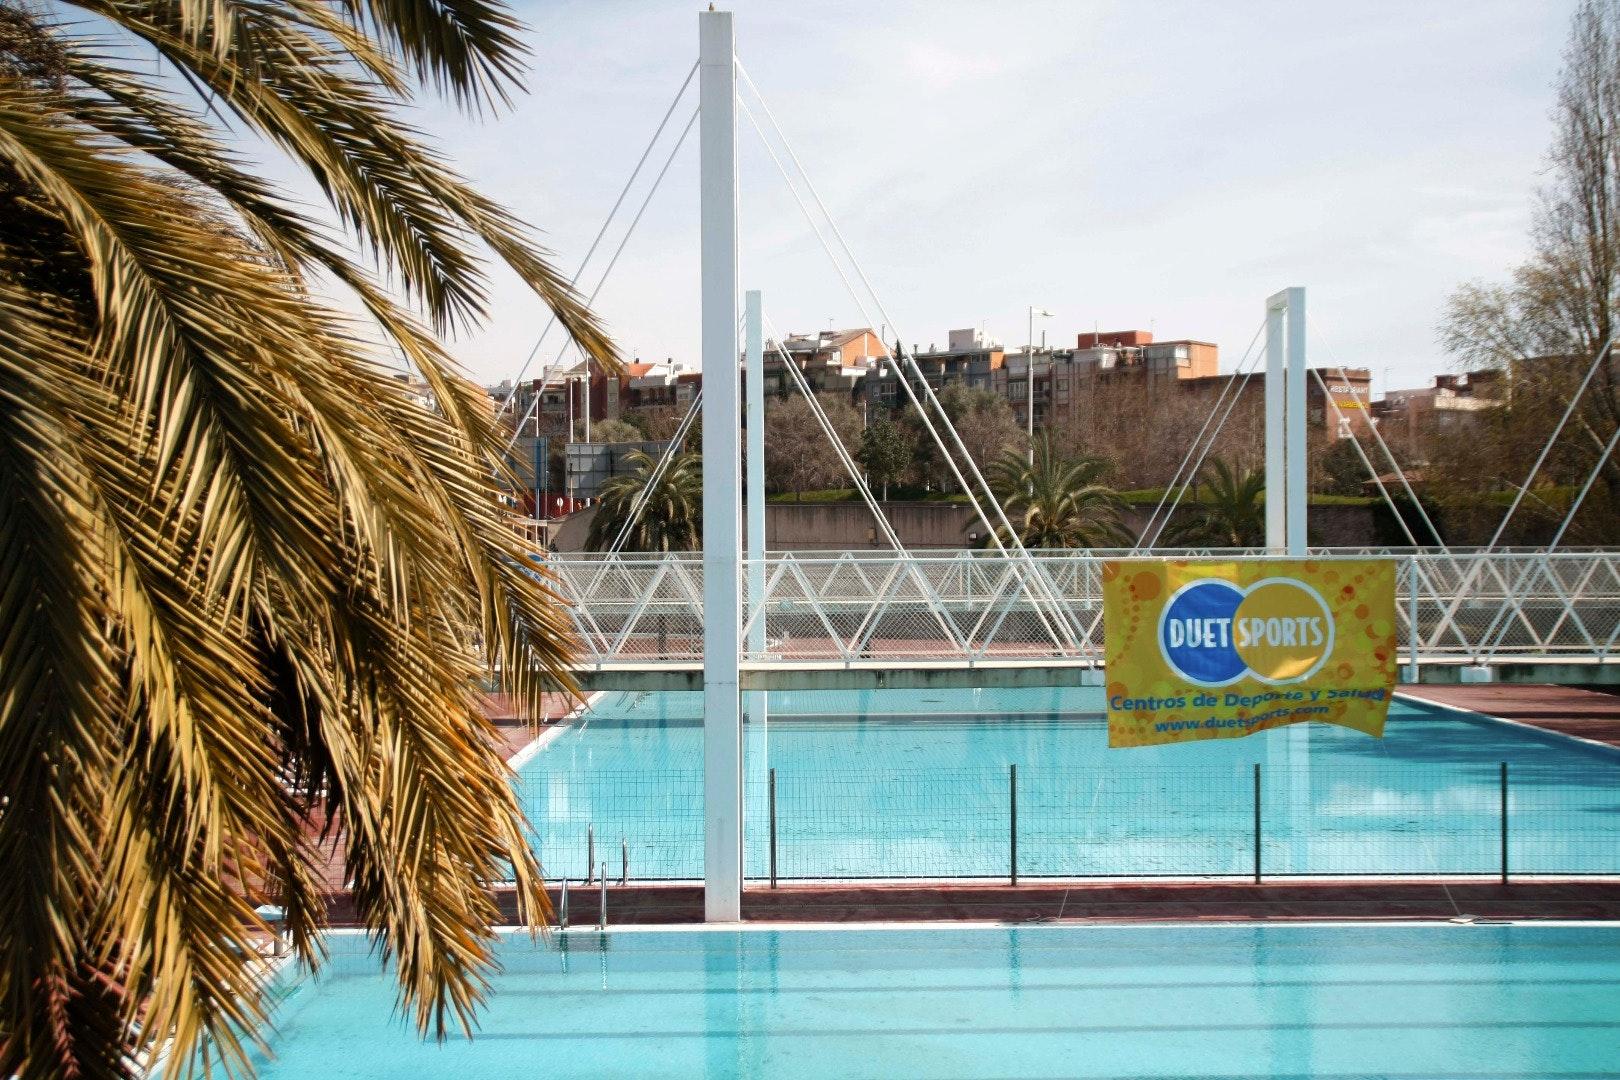 Foto 0 Oferta Gimnasio Duet Sports Can ZAM Santa Coloma de Gramenet - GymForLess